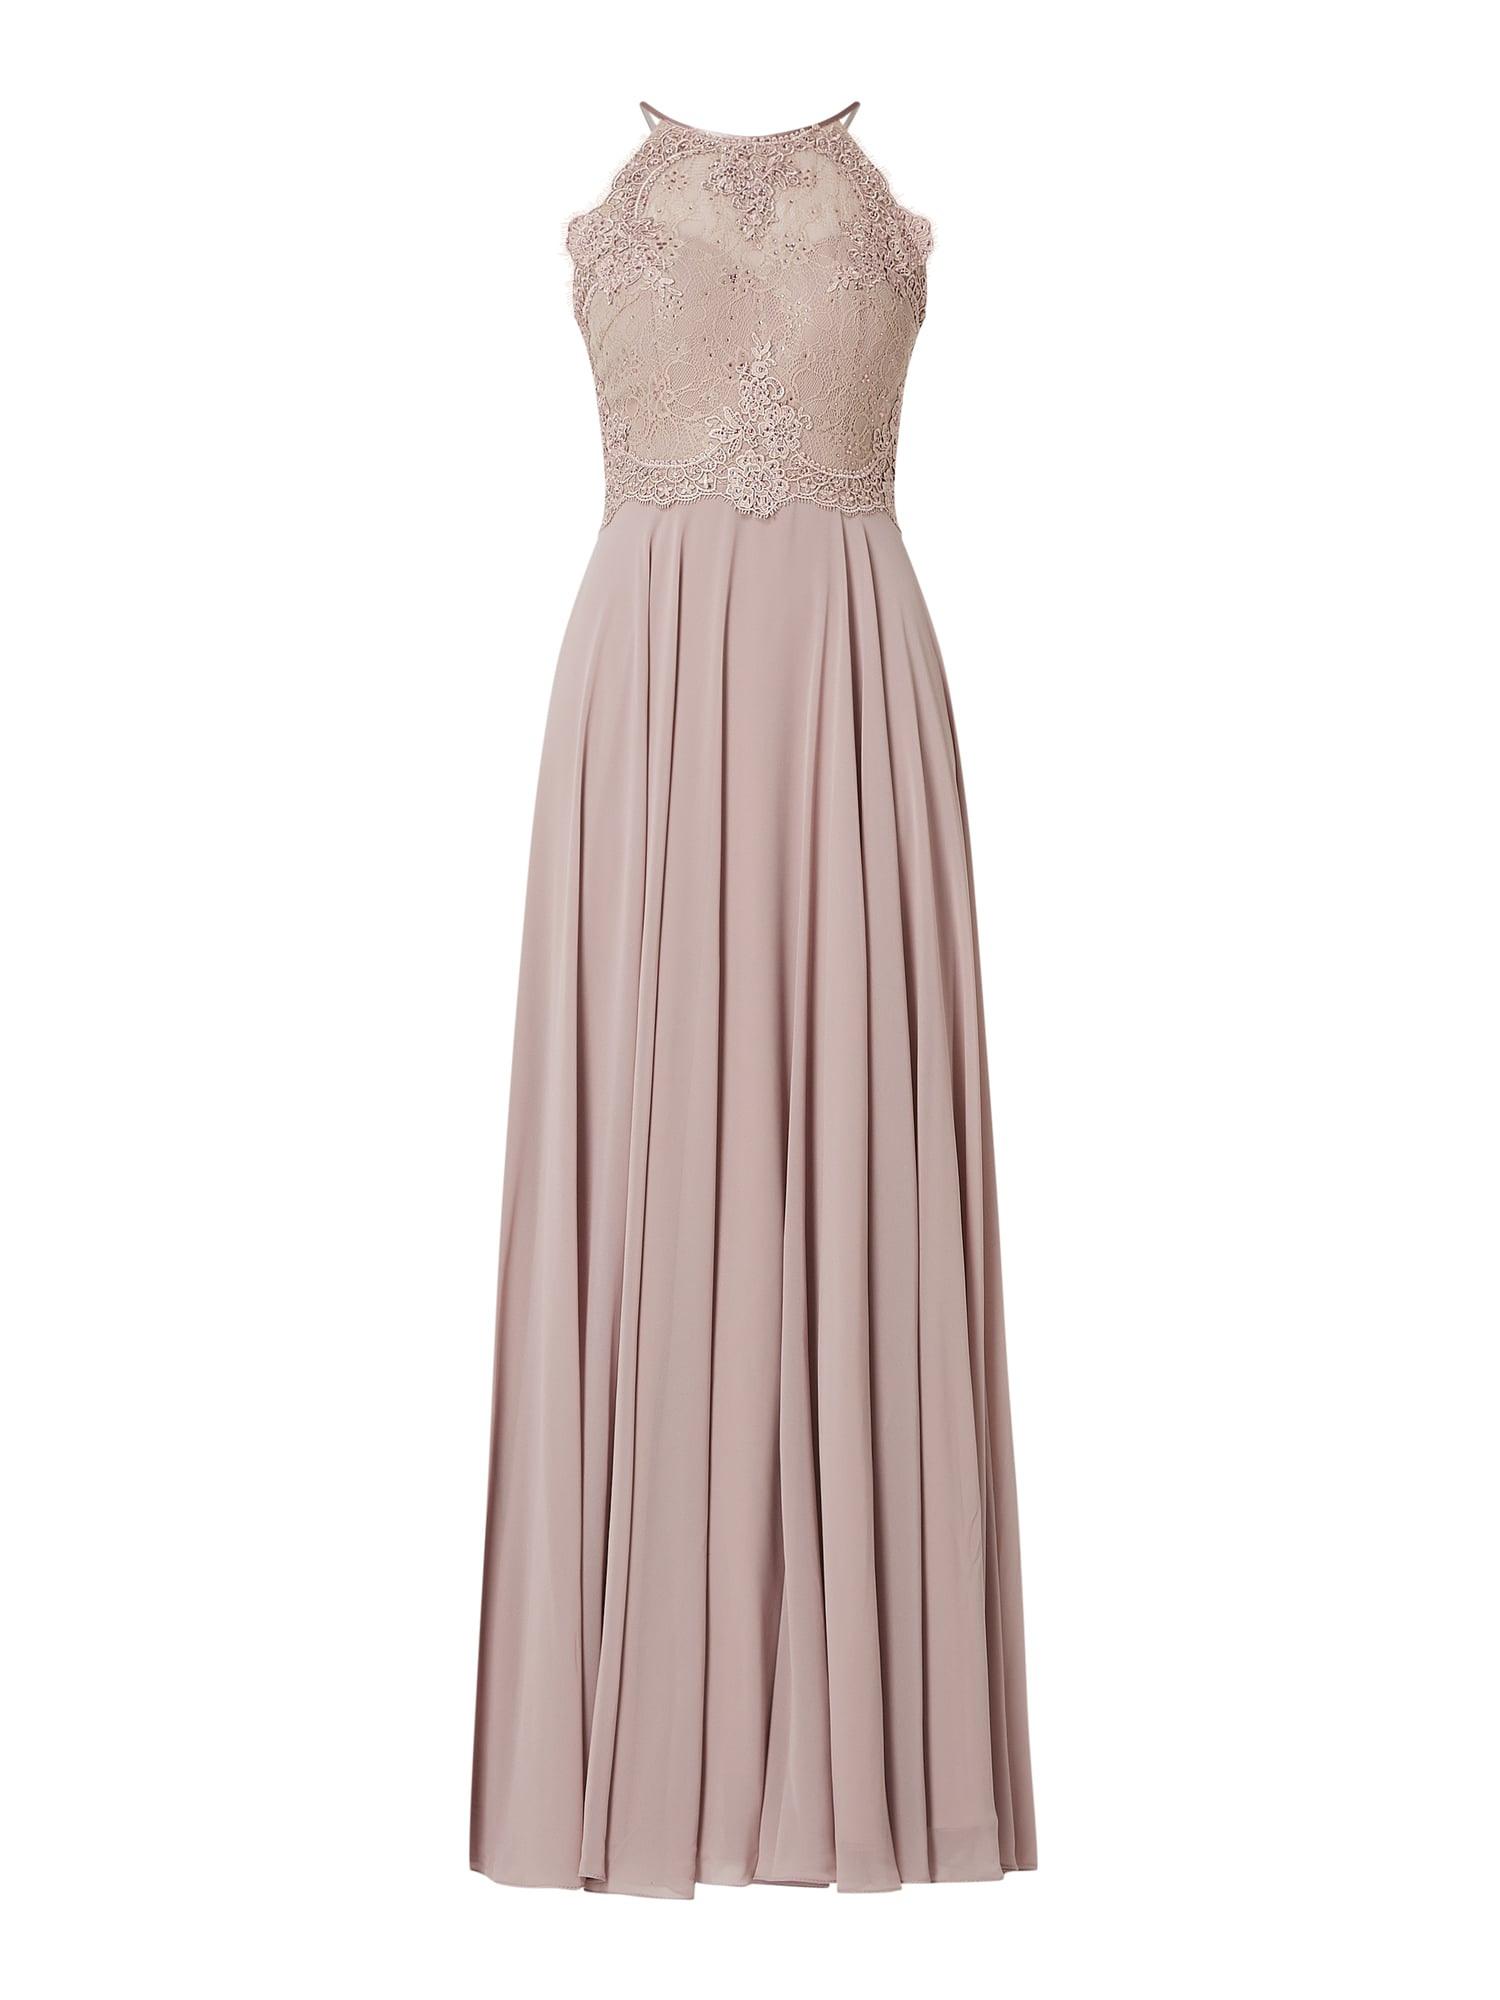 10 Genial Luxuar Abendkleid Bester Preis15 Schön Luxuar Abendkleid für 2019